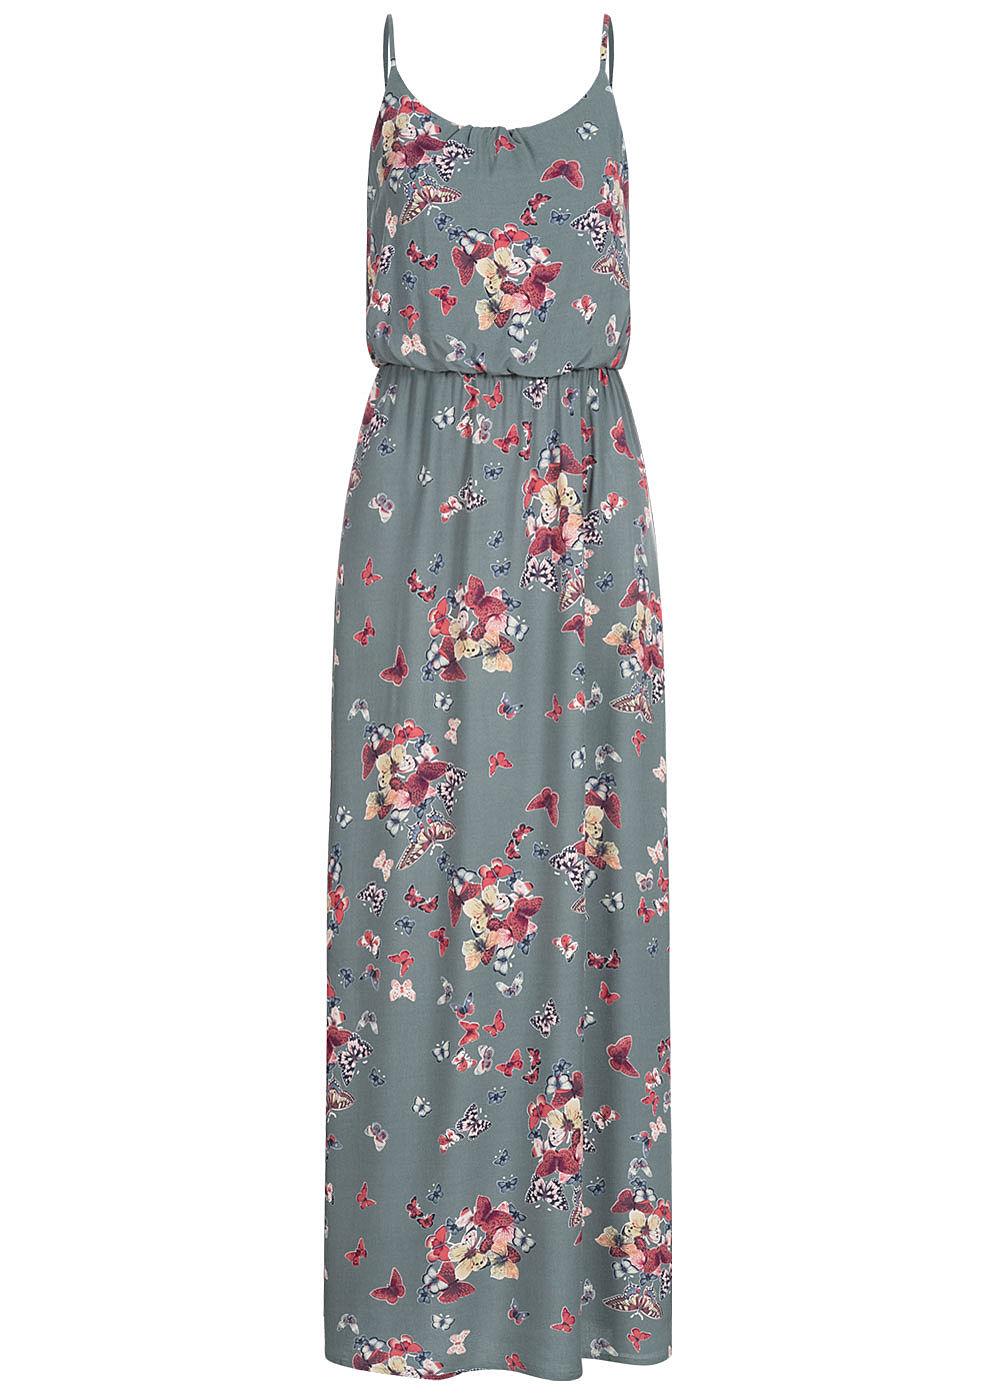 ONLY Damen Maxi Kleid Schmetterling Print balsam grün - 20onlineshop